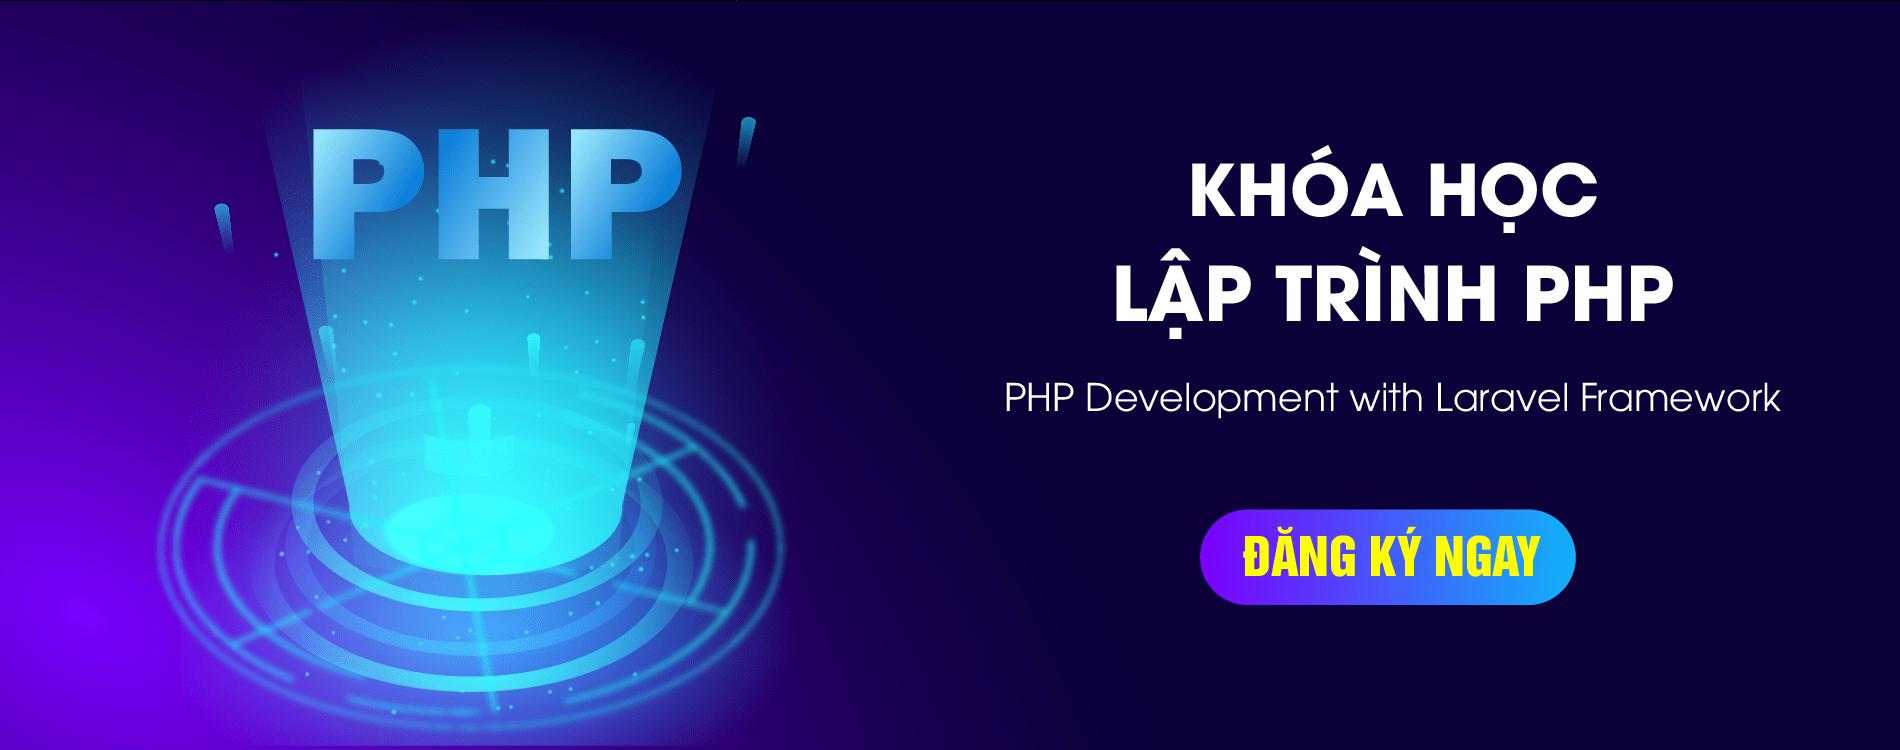 Lập trình php Aptech